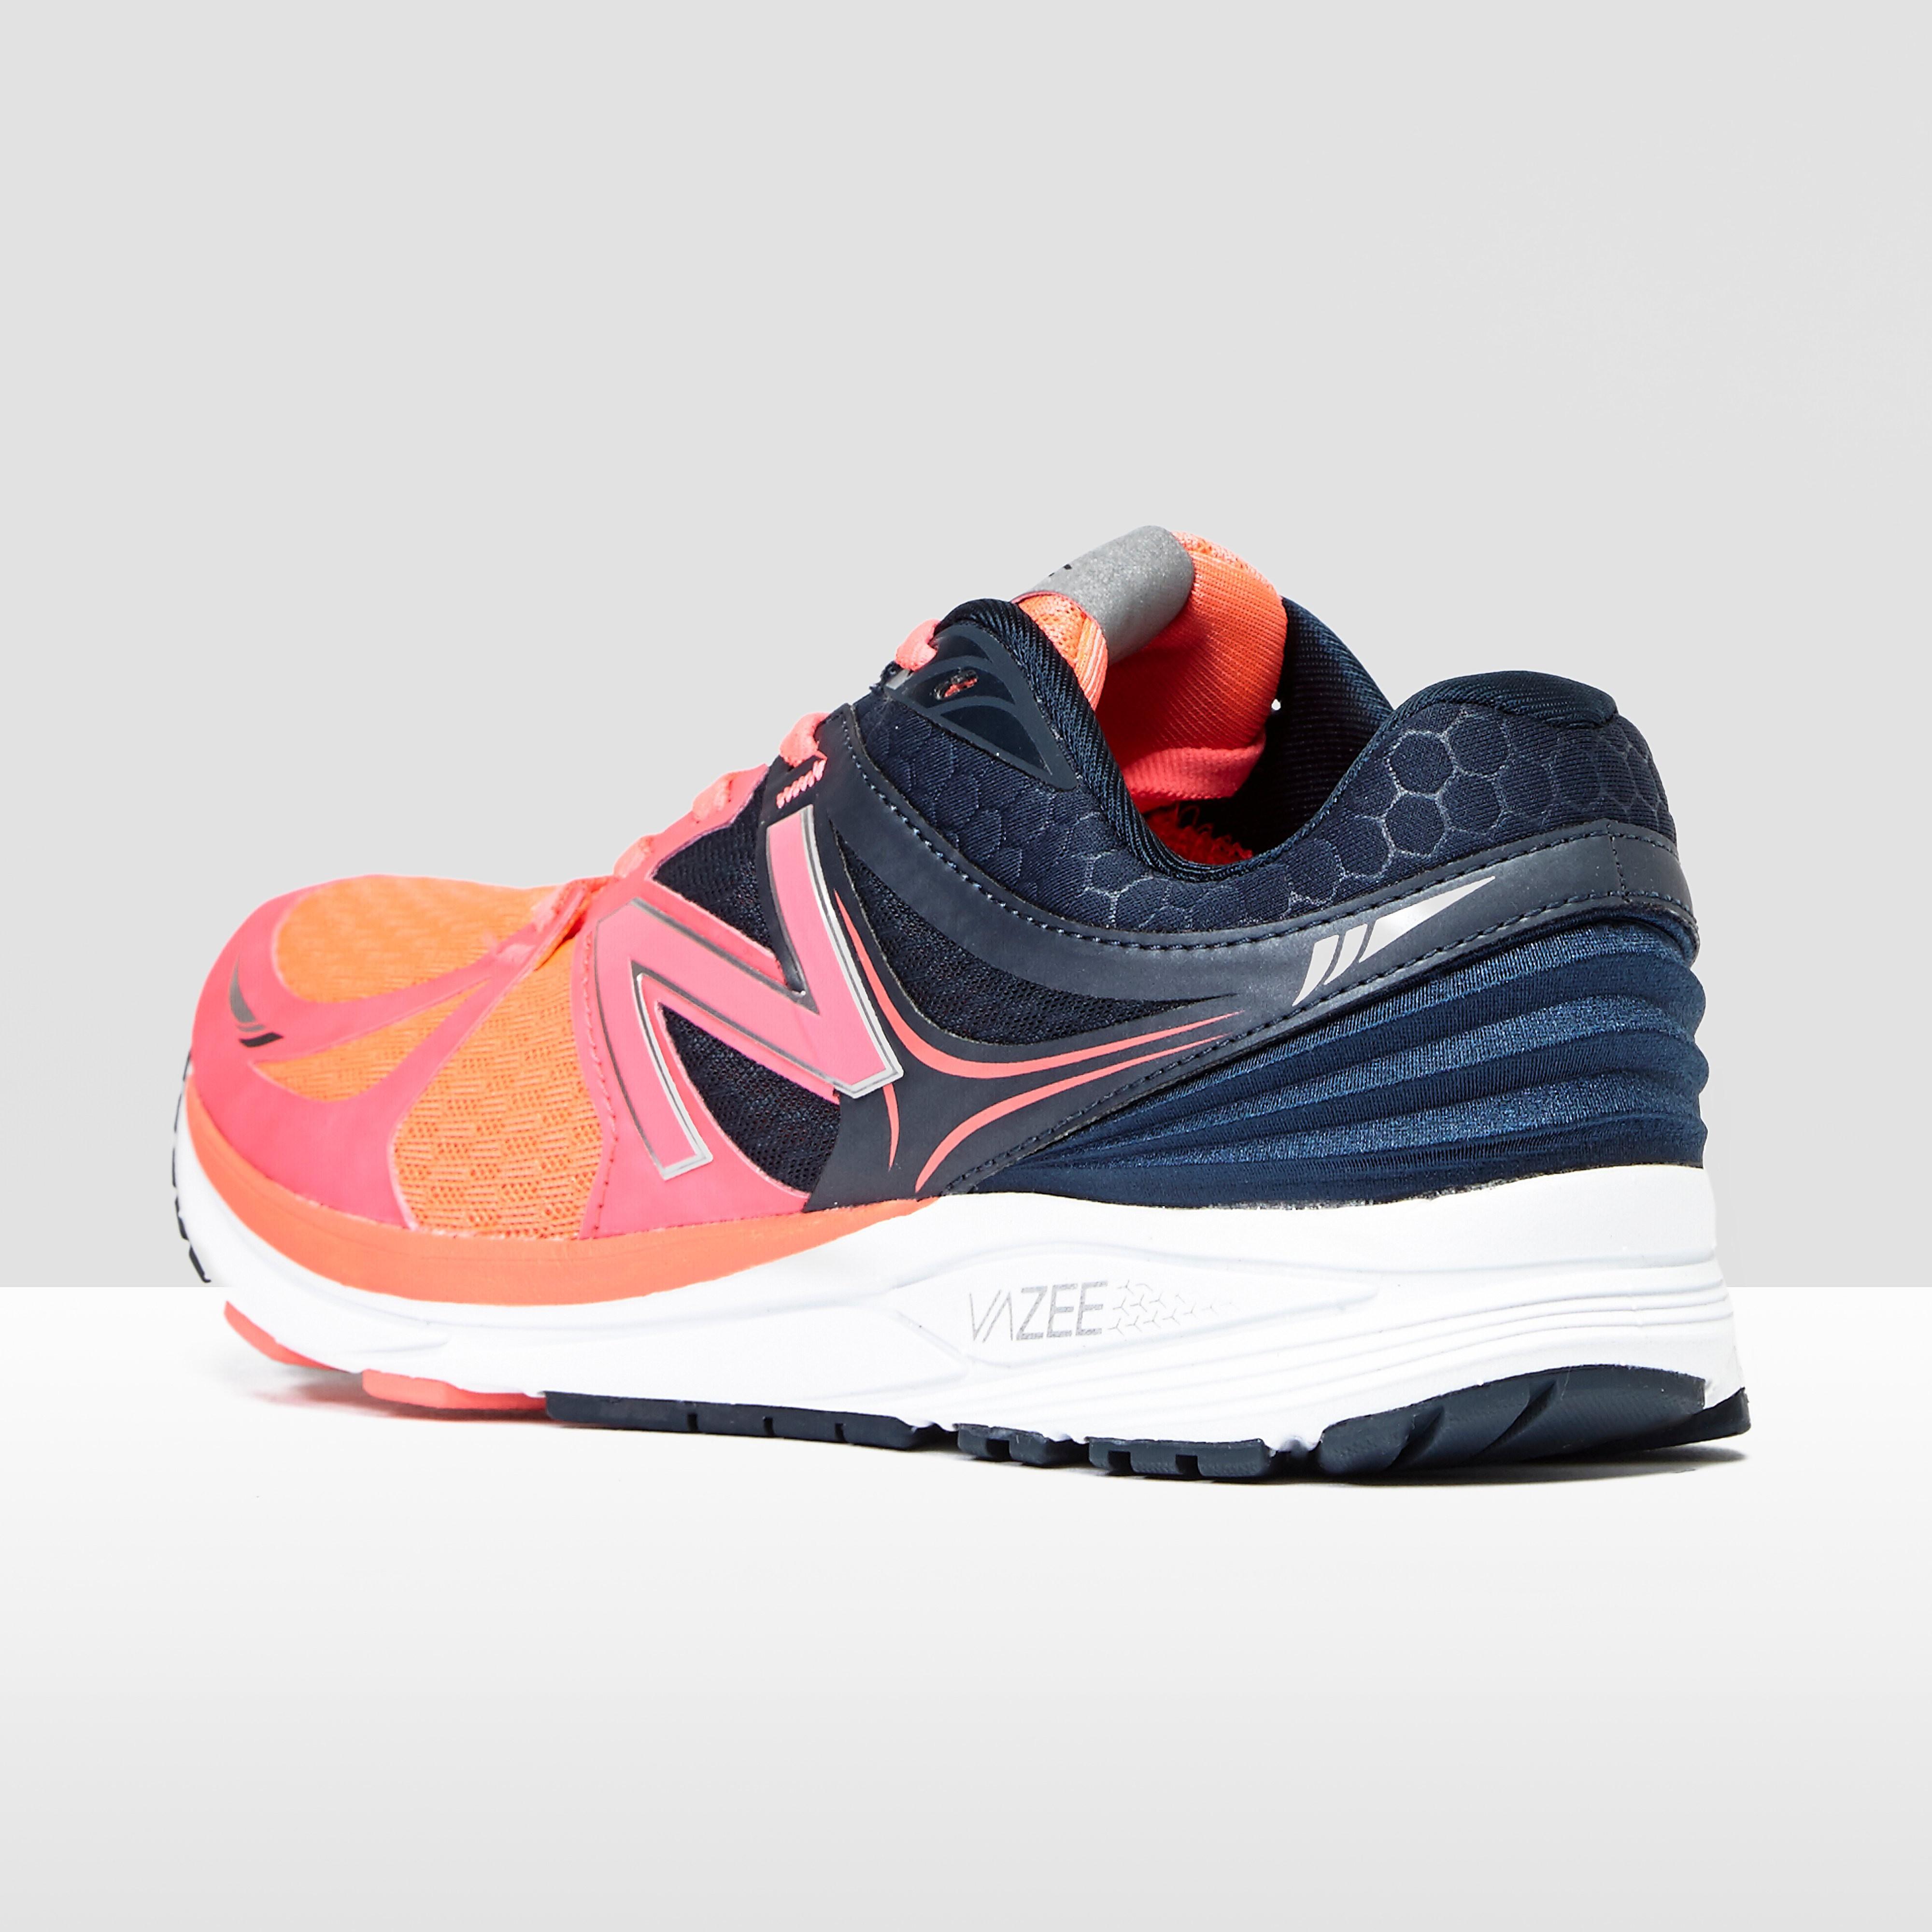 New Balance Vazee Prism Women's Running Shoe